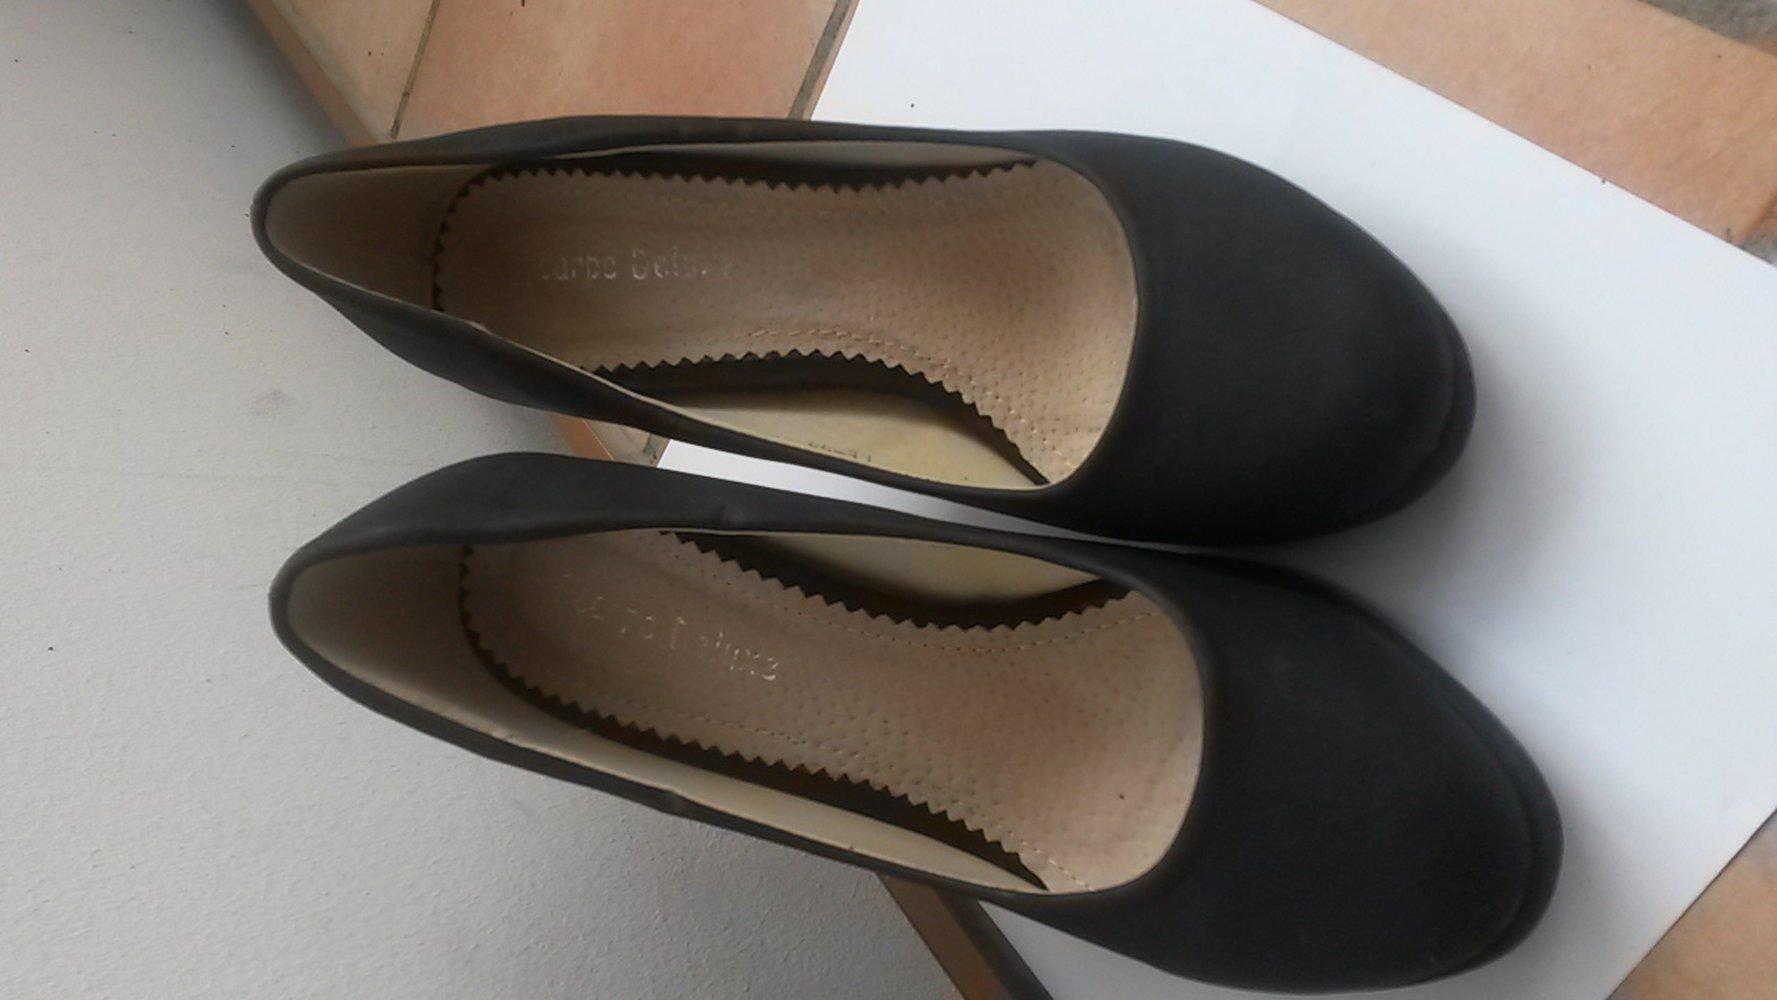 scarpe deluxe schwarze pumps mit roter sohle. Black Bedroom Furniture Sets. Home Design Ideas